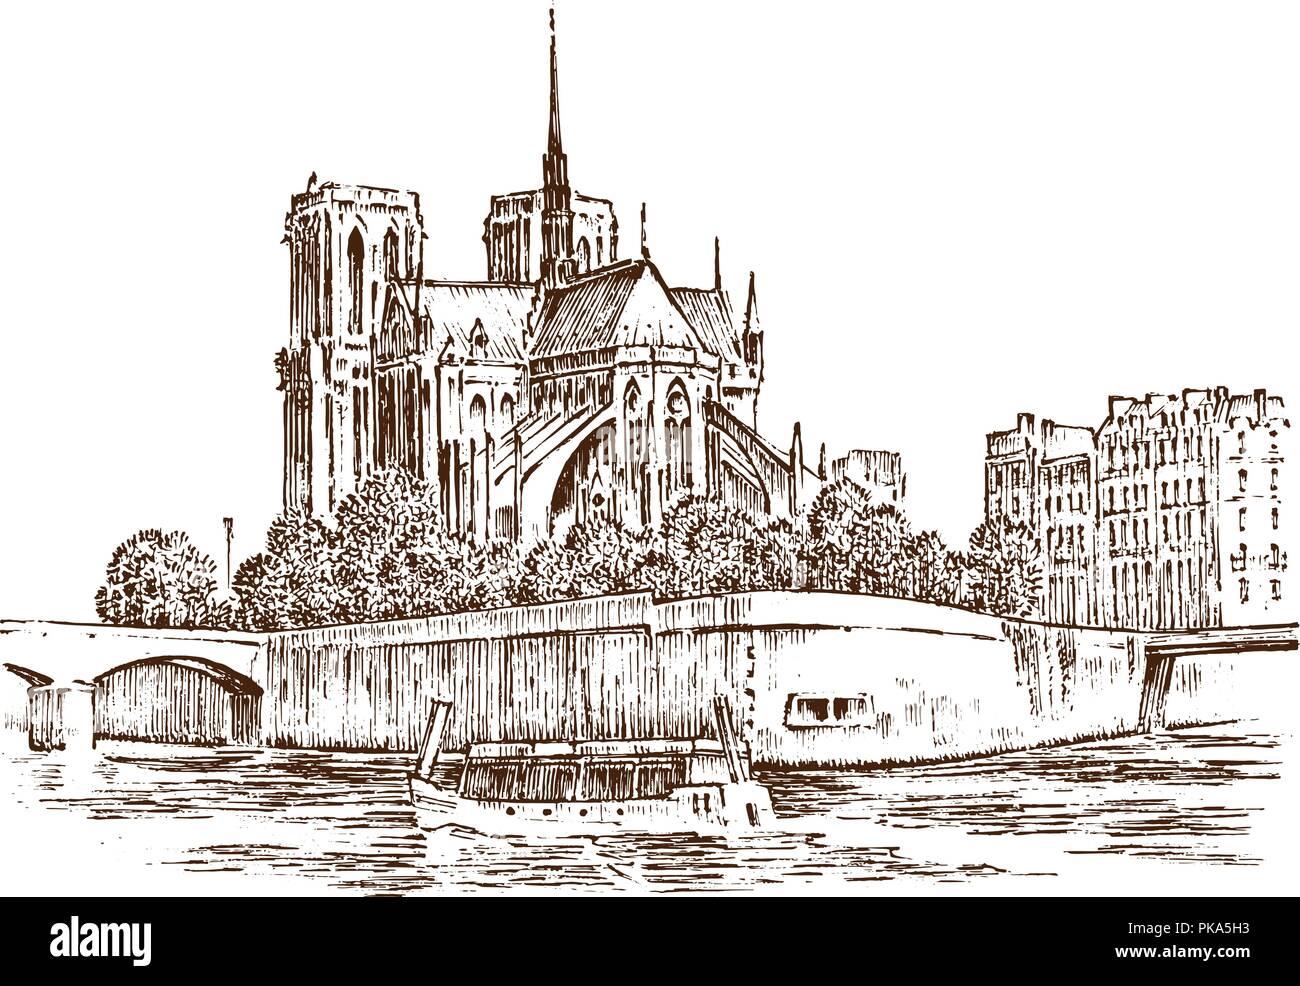 Notre Dame De Paris Disegno.Historical Architecture With Buildings Perspective View Vintage